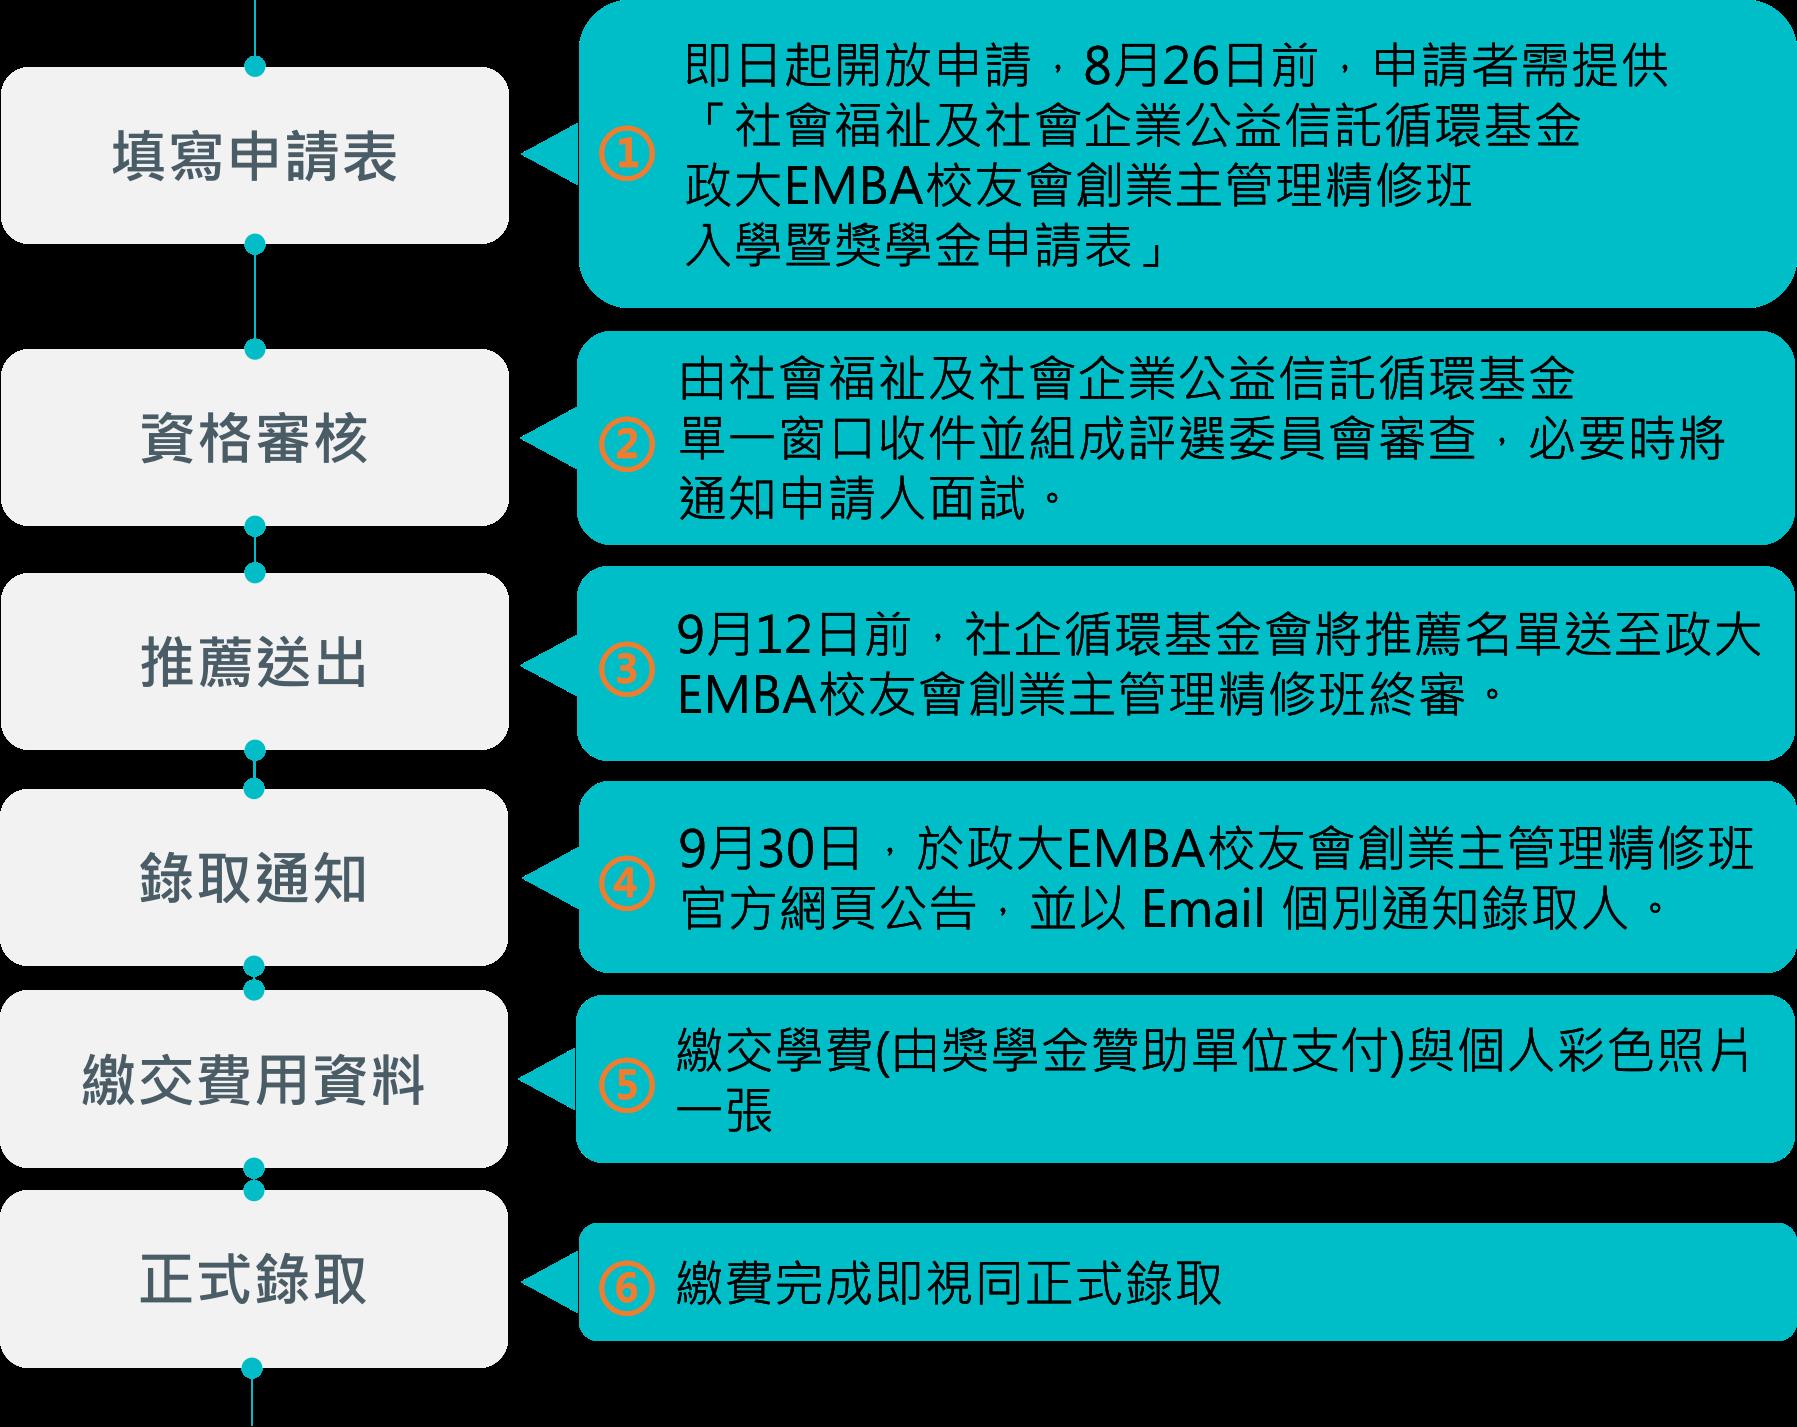 社企獎學金流程圖.png